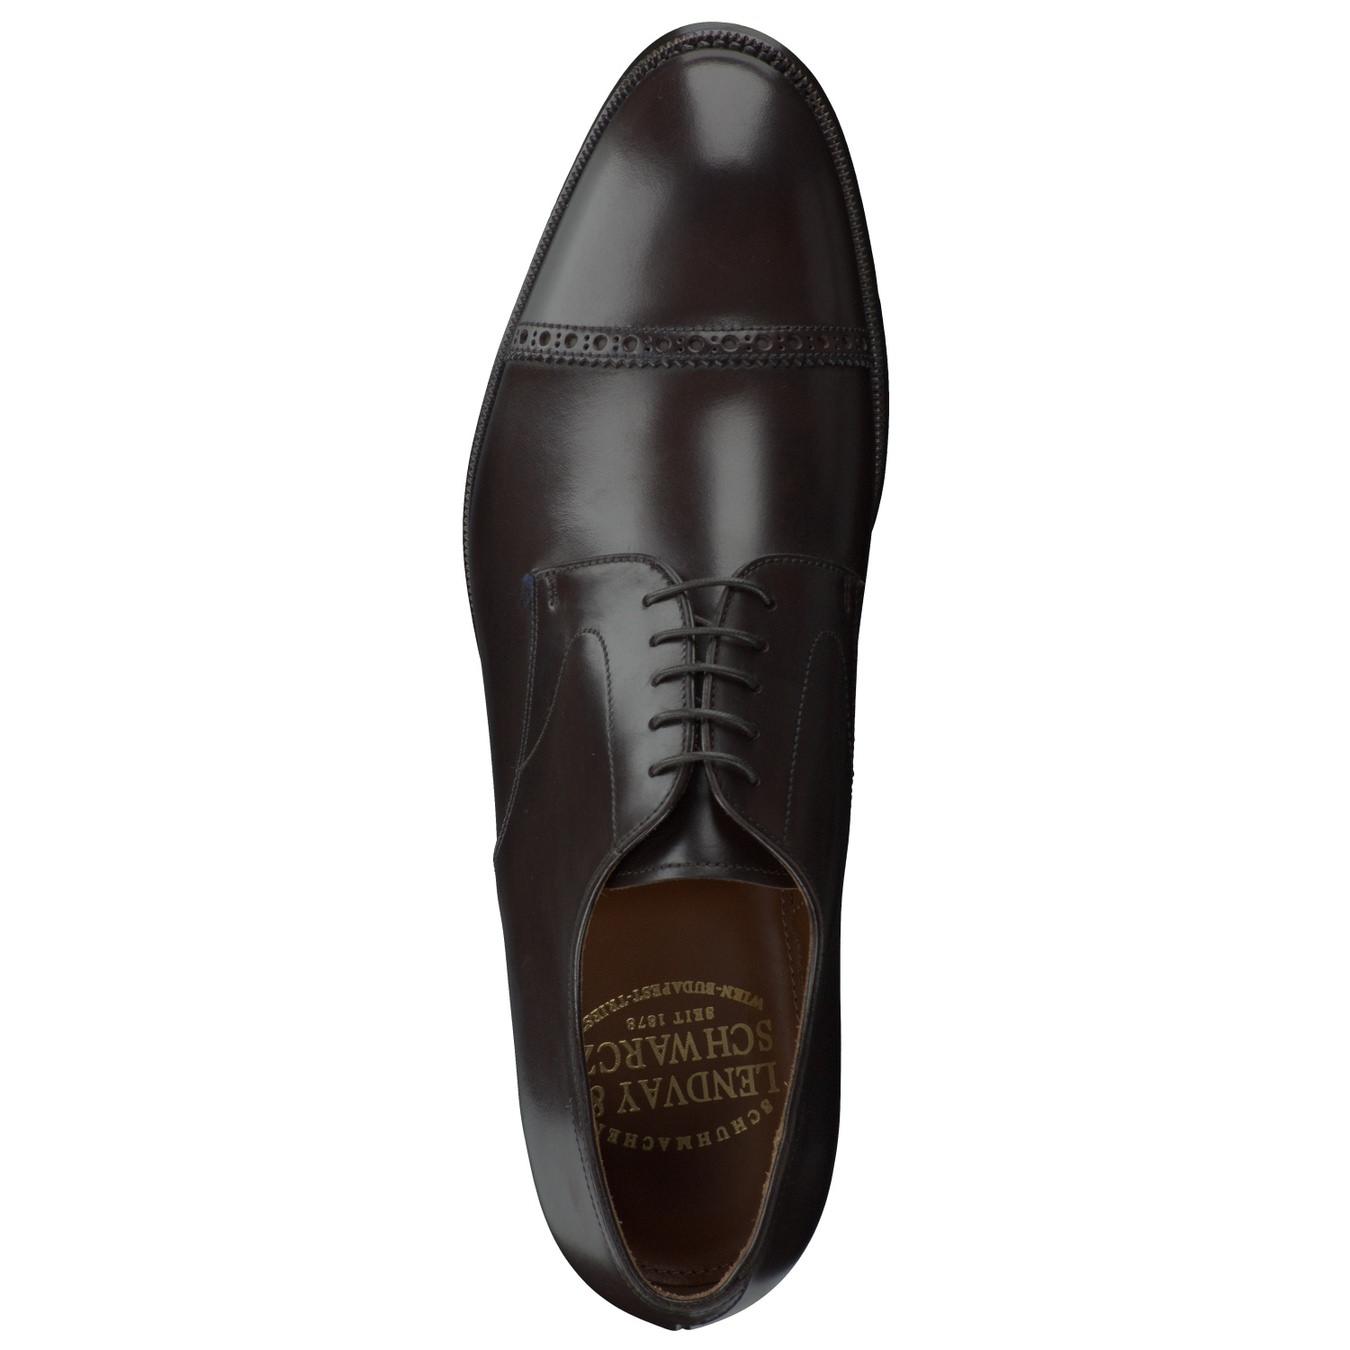 0bfa3ed067e948 Schnürschuh. Artikeldetails. Dieser edle Derby-Schuh der Marke Lendvay    Schwarcz ...